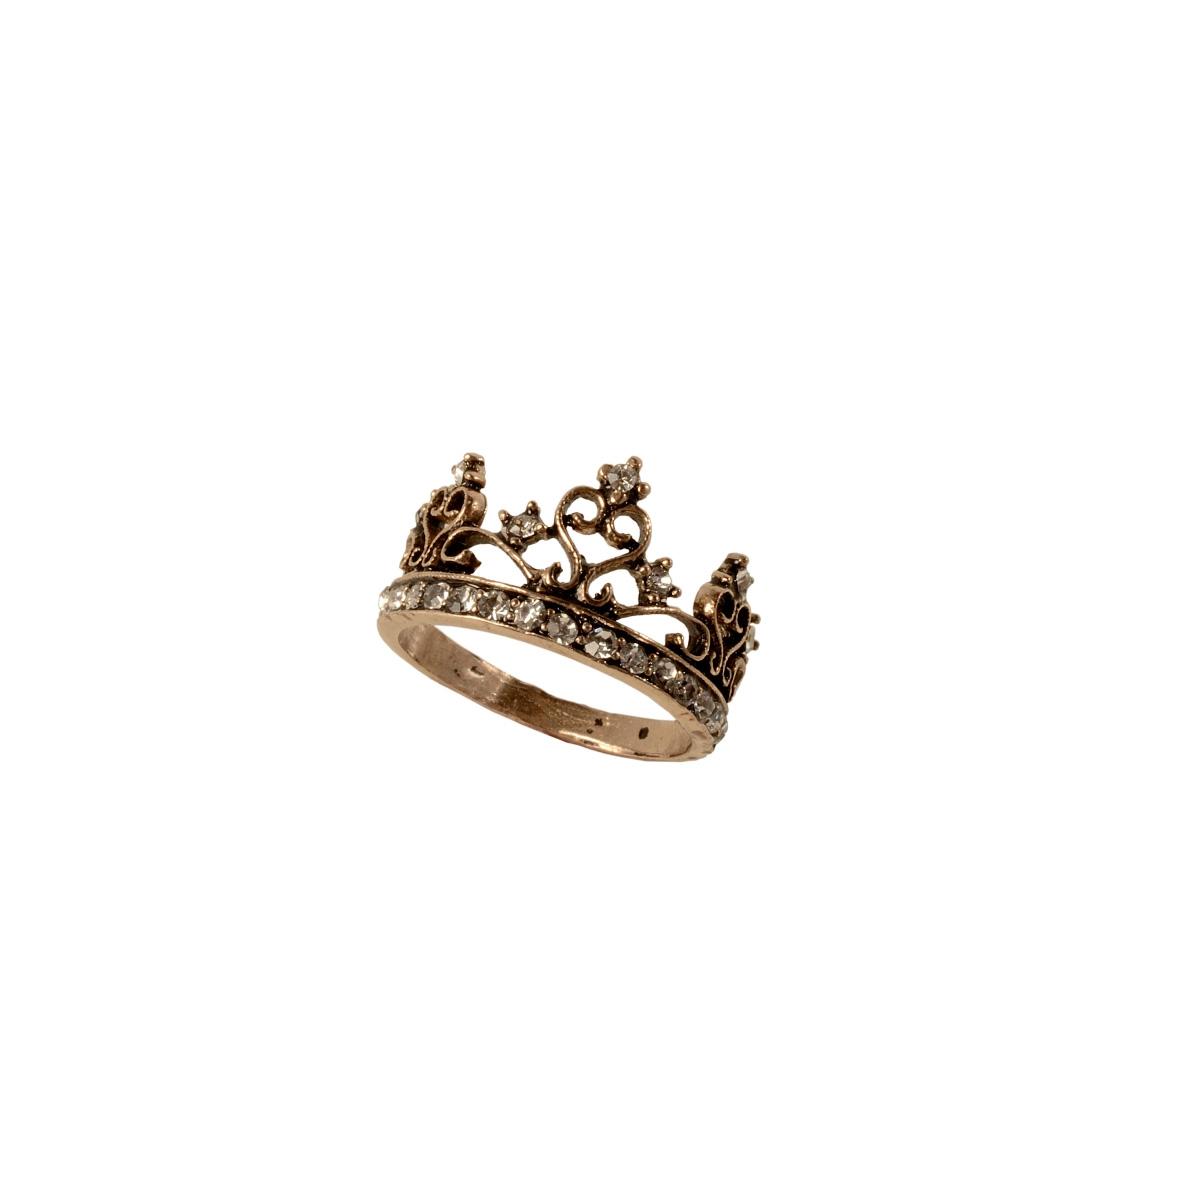 Δαχτυλίδι κορώνα eda7110716b